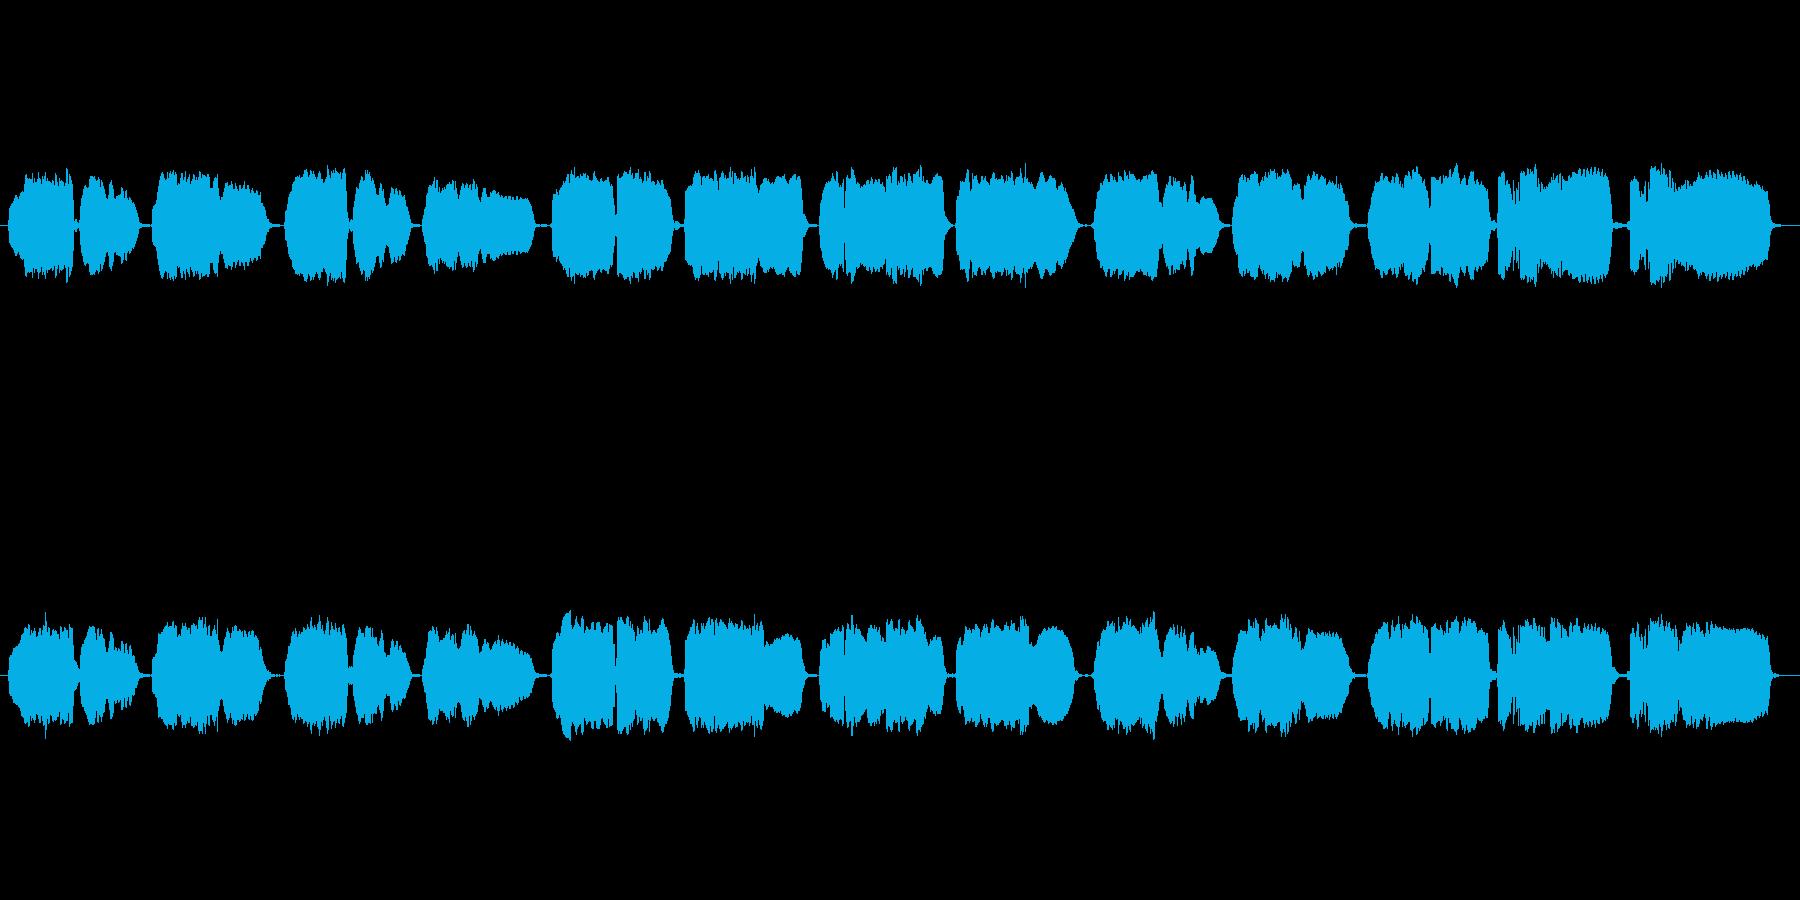 「家路」の篠笛独奏の再生済みの波形